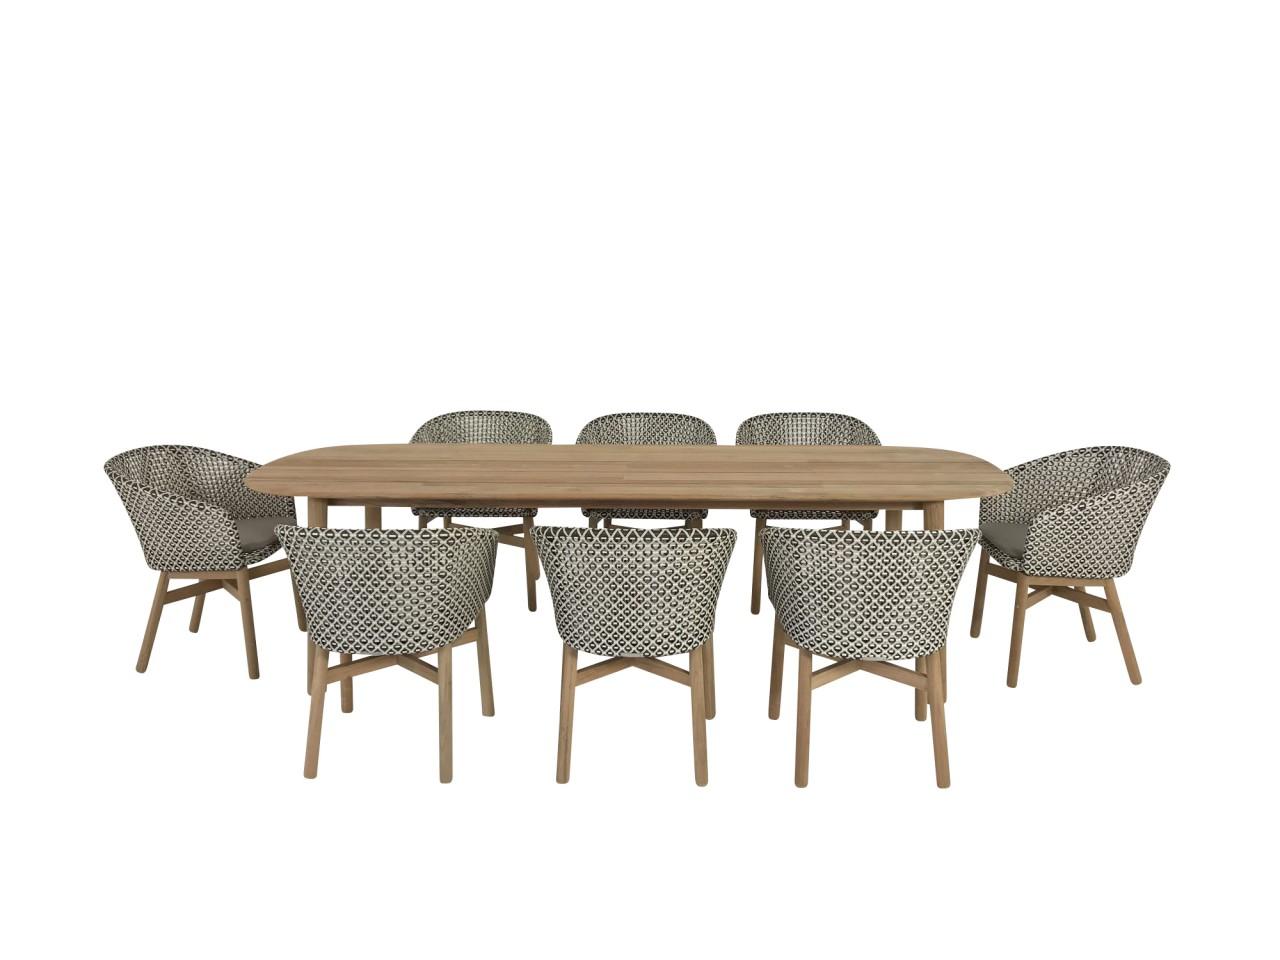 DEDON MBRACE Esstisch in Teak mit 8 Stück MBRACE ARMCHAIR Armlehnstühlen in pepper mit Sitzkissen